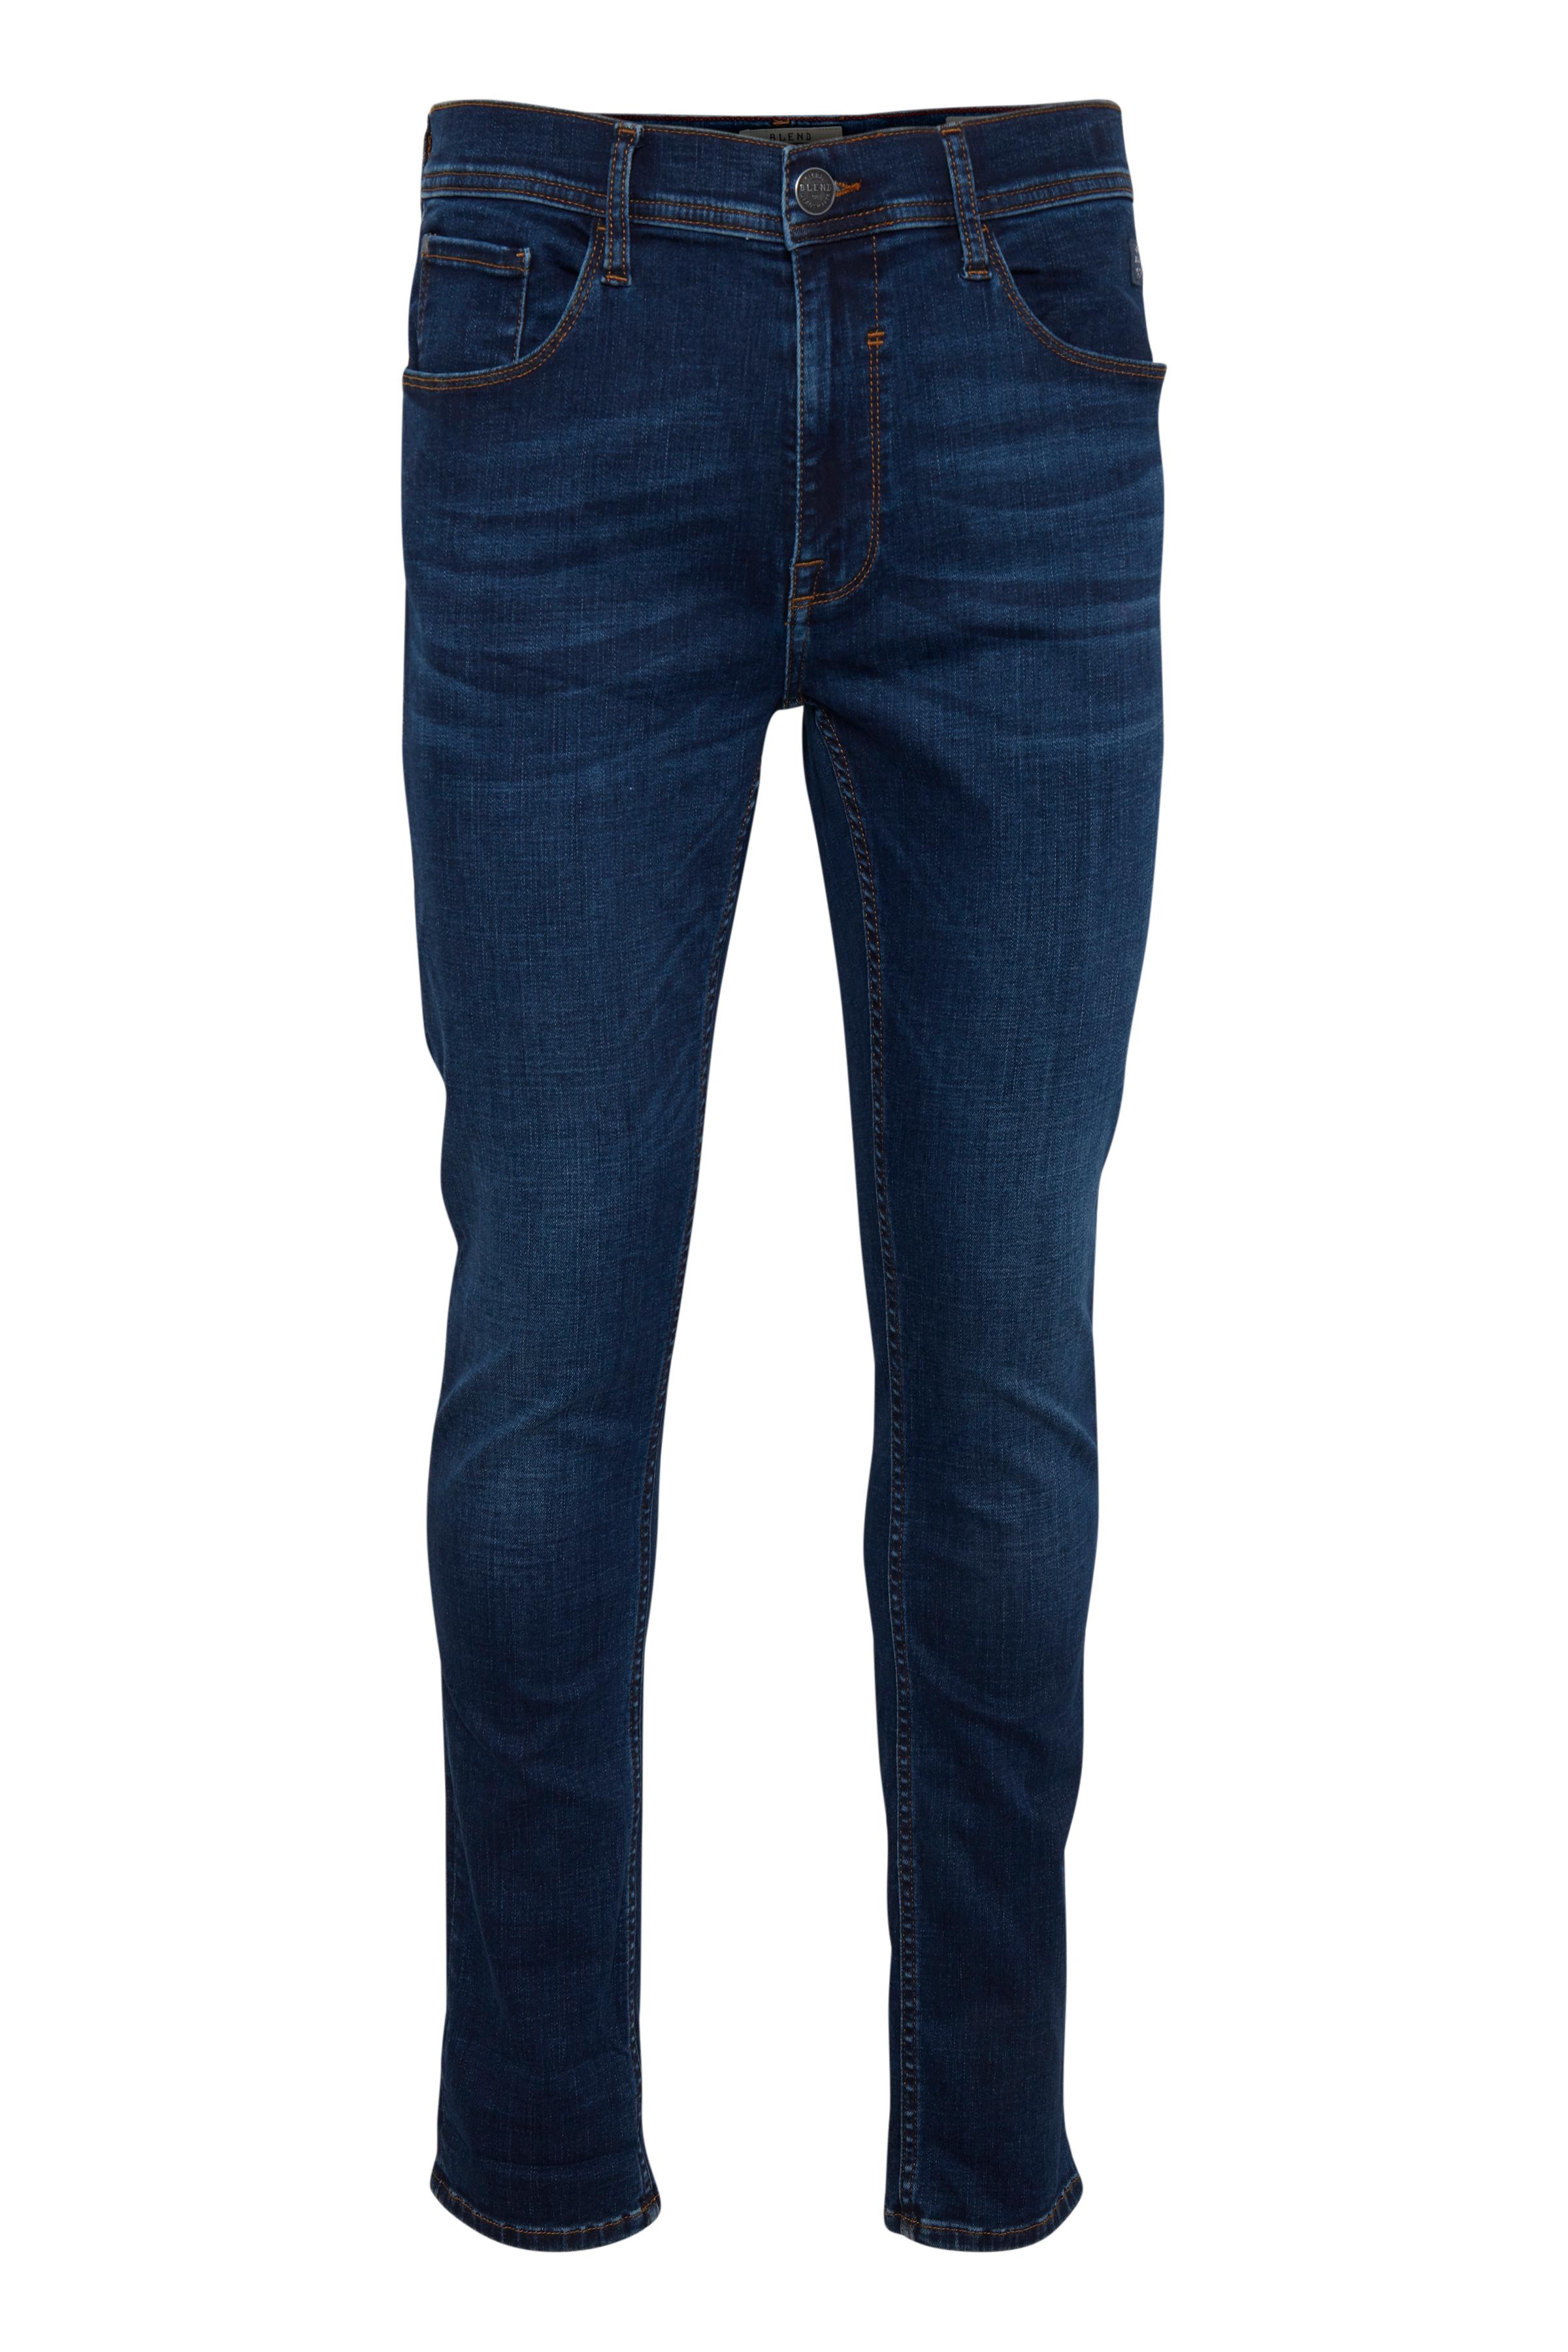 Image of Blend He Herre Jeans - Mørk denimblå